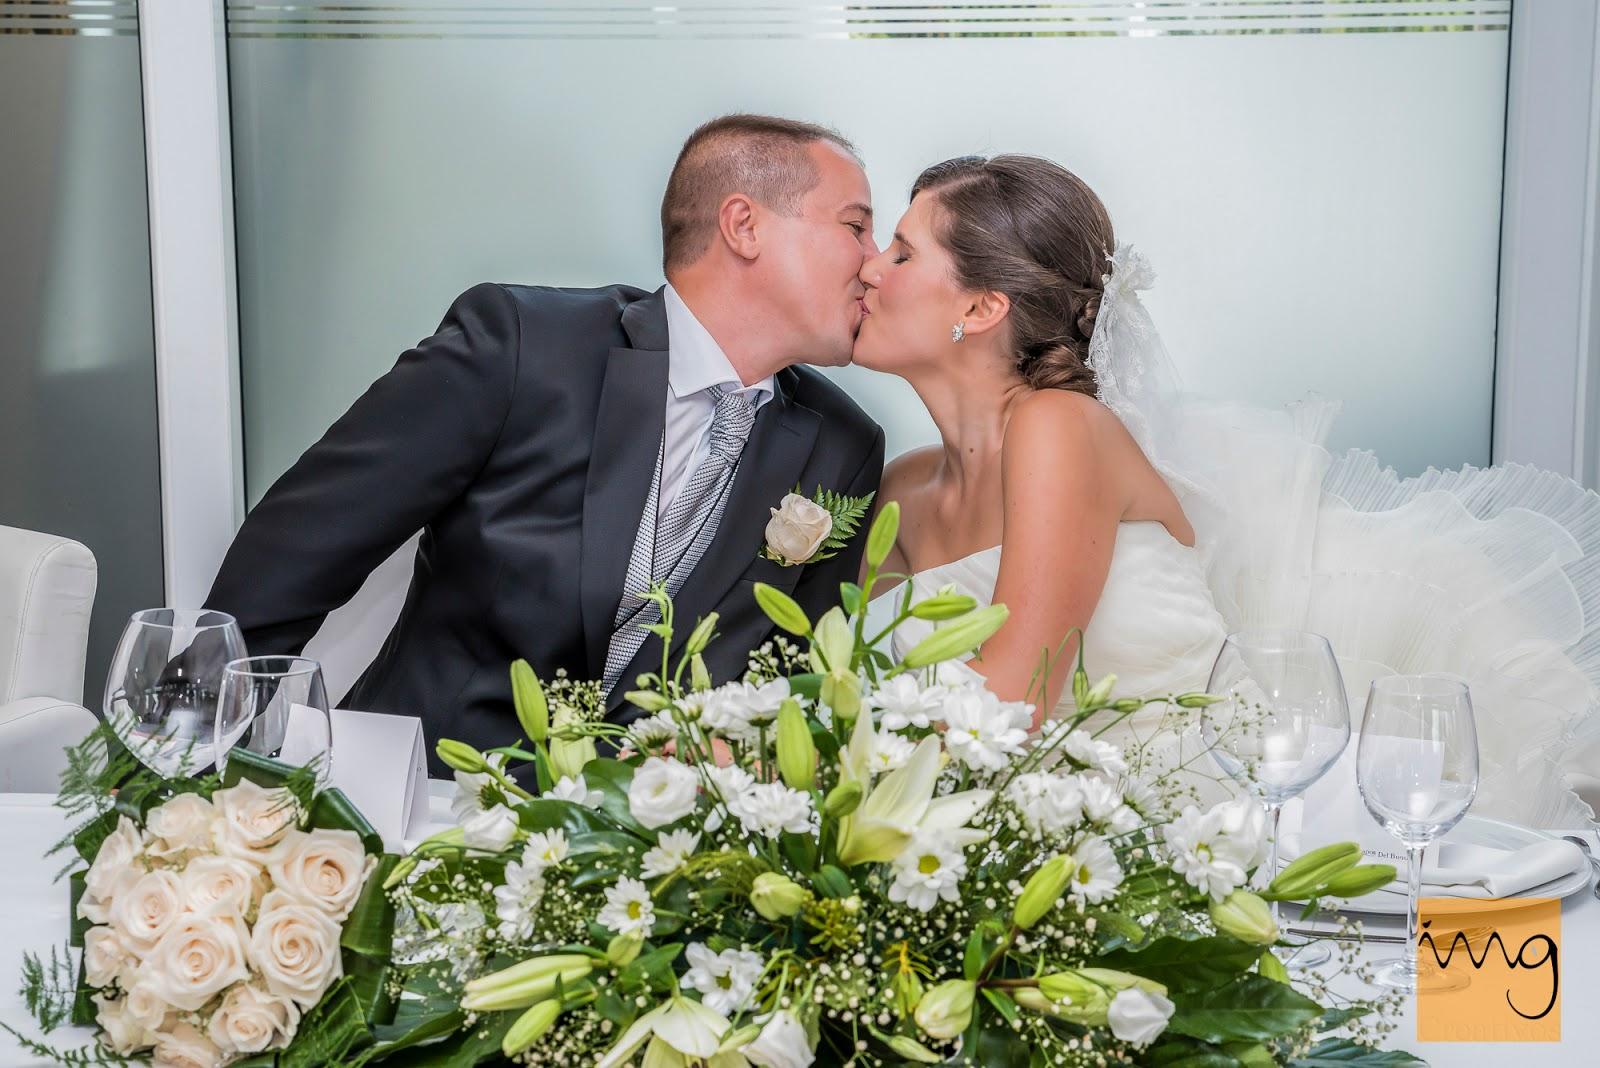 Fotografía del beso de bienvenida